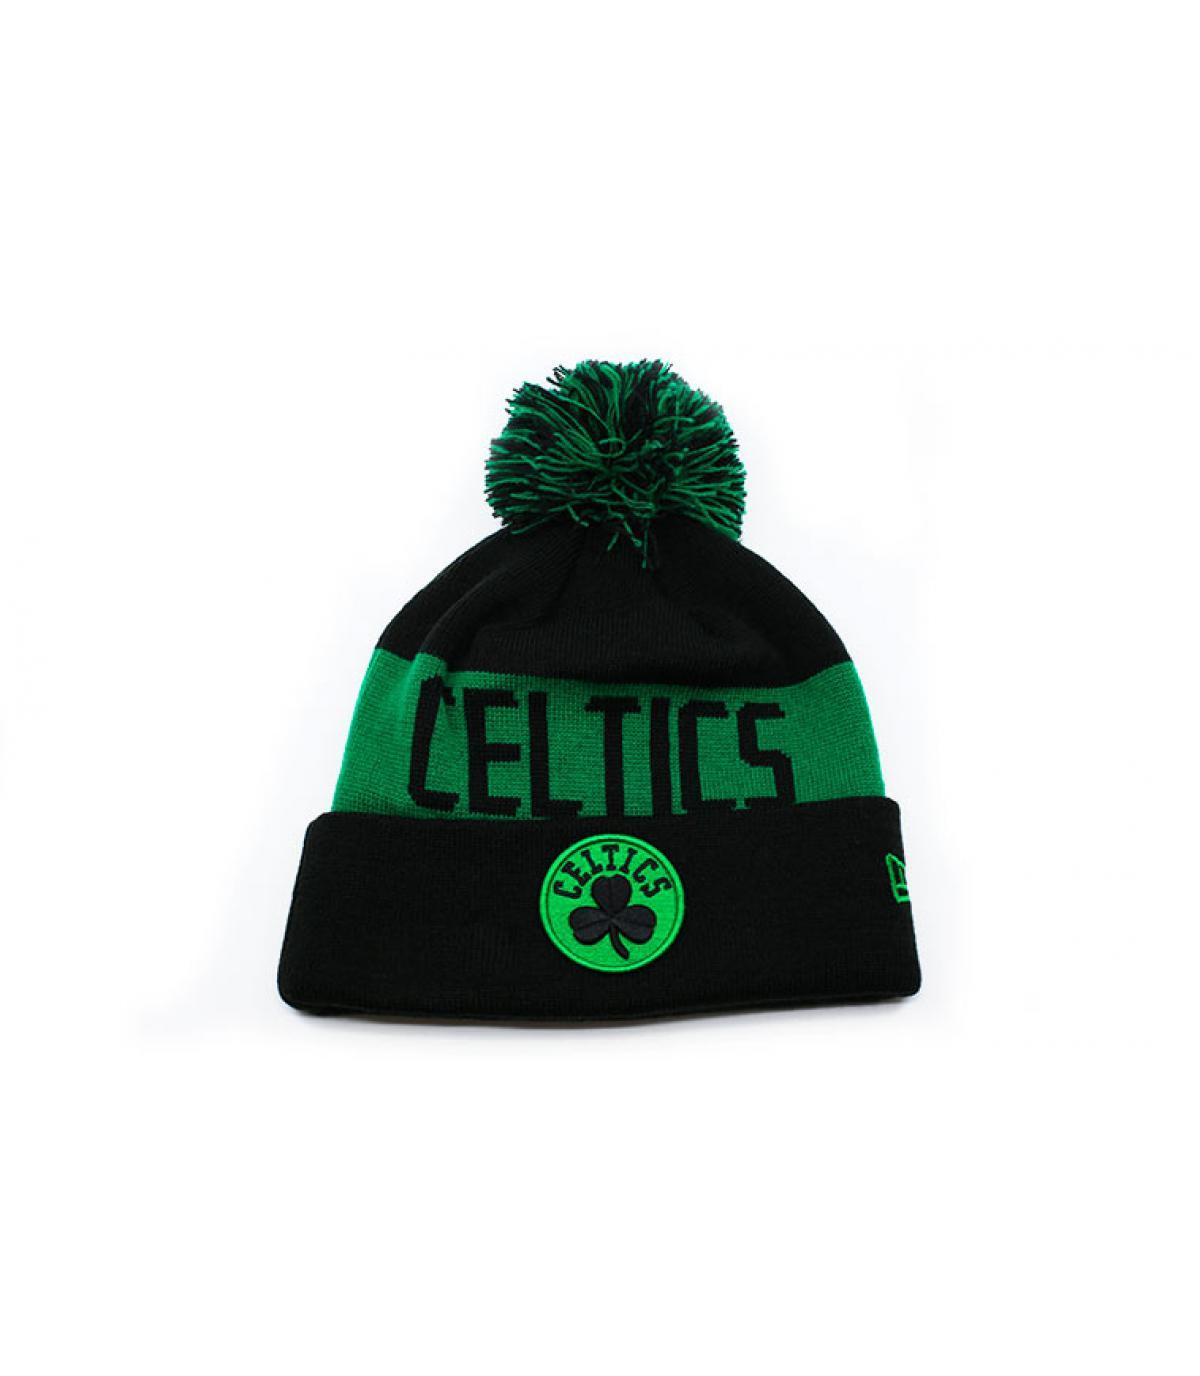 Détails Bonnet Team Tonal Knit Celtics - image 2